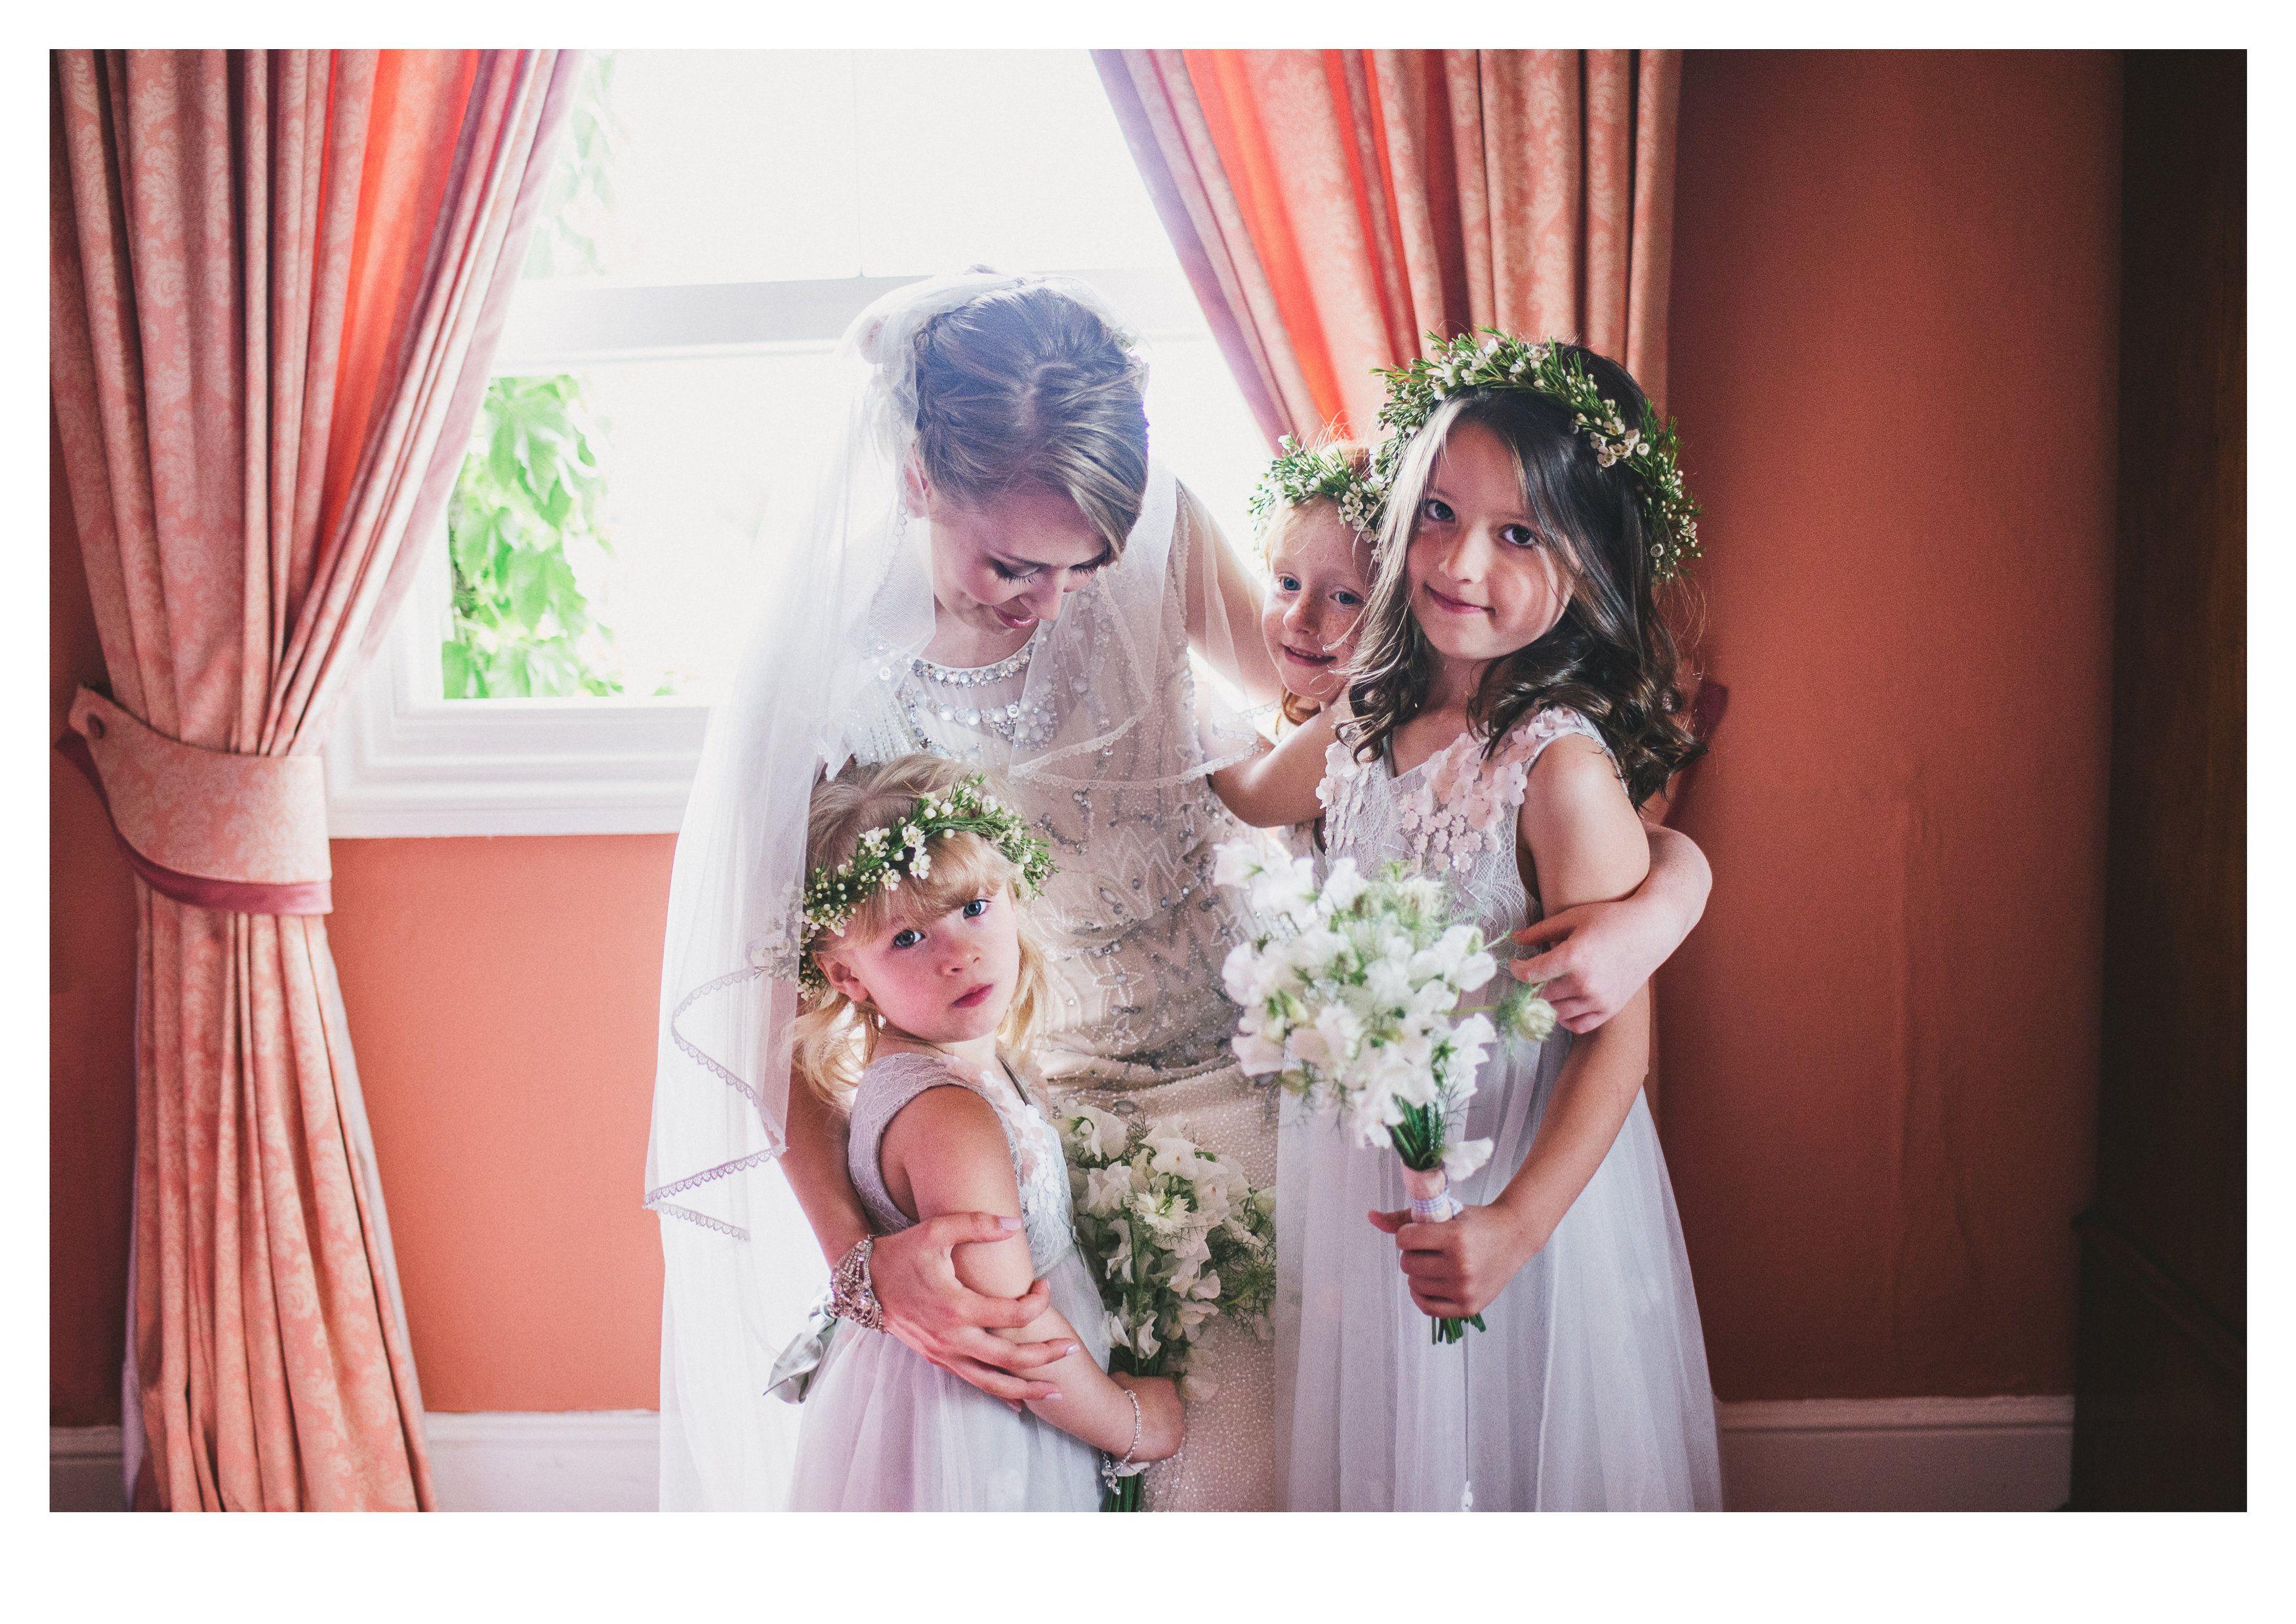 Vintage Wedding Dresses Jenny Packham: Vintage Secret Garden Wedding, Jenny Packham Esme Dress